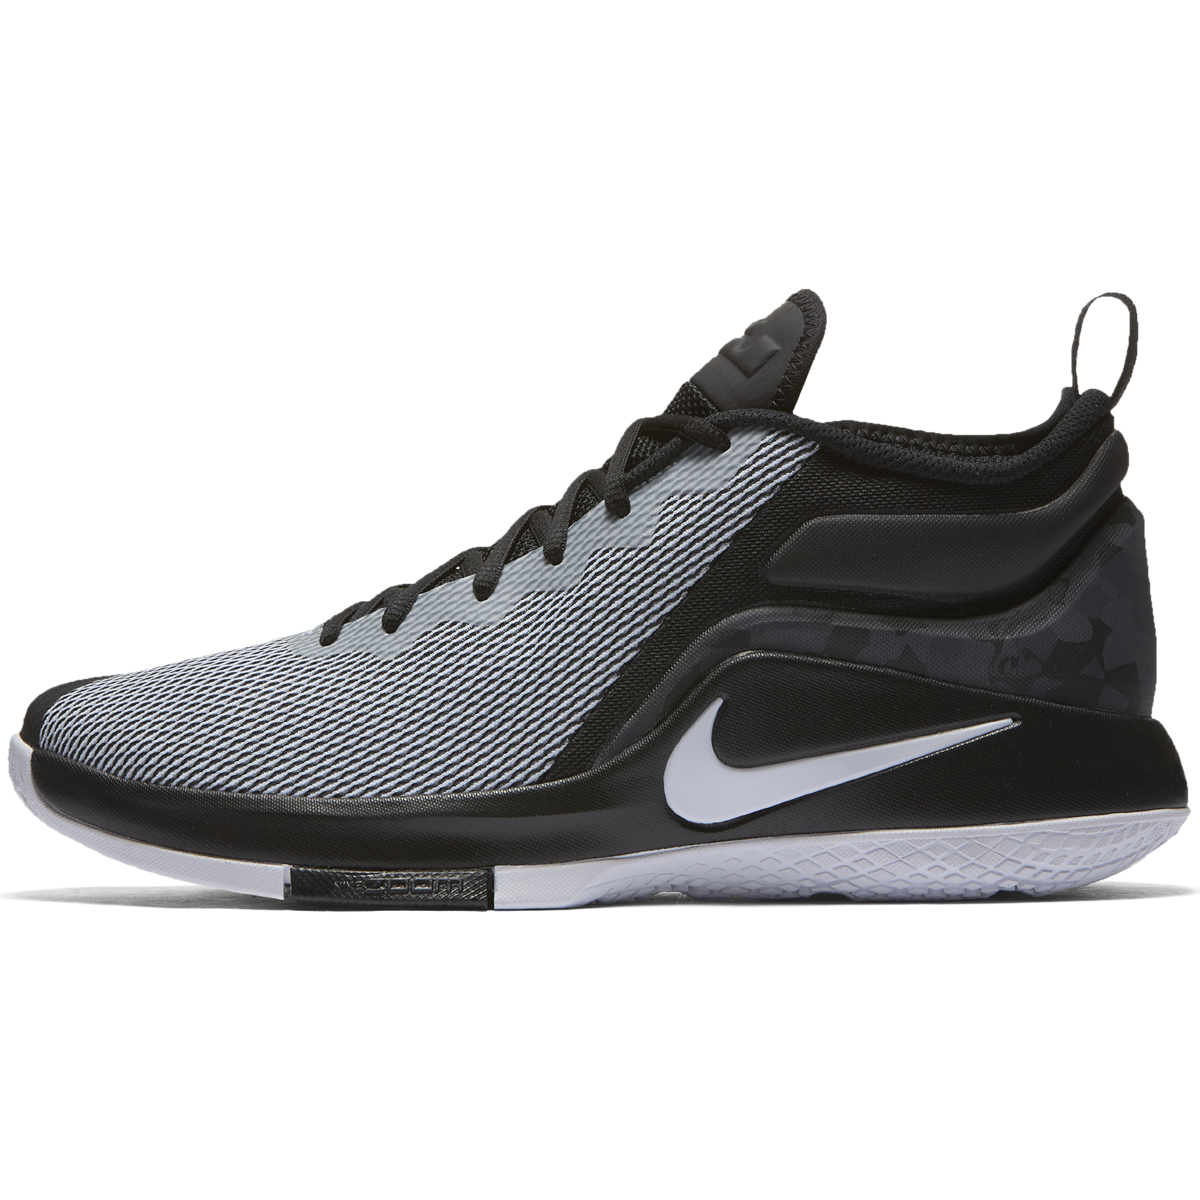 8ceb4e43f9552 ... Nike LeBron Zoom Witness 2 Basketball shoes - 942518-011 ...